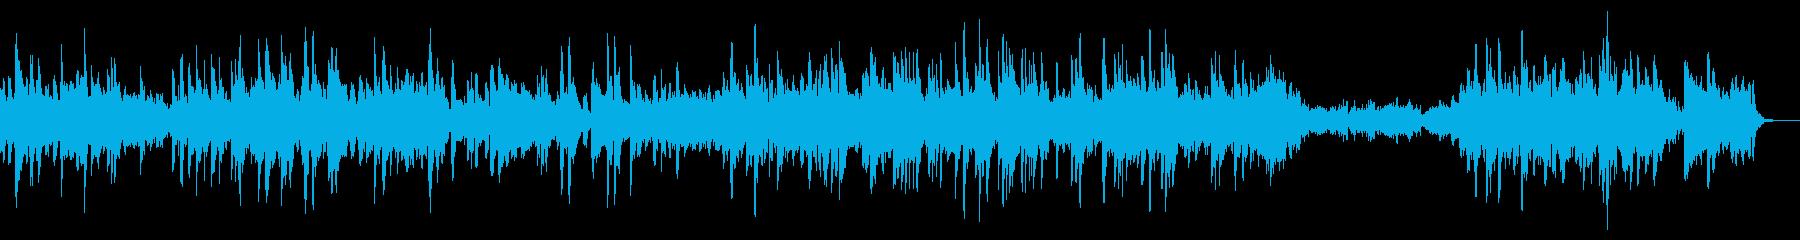 ゆったりとした癒しの音楽。ピアノバラードの再生済みの波形